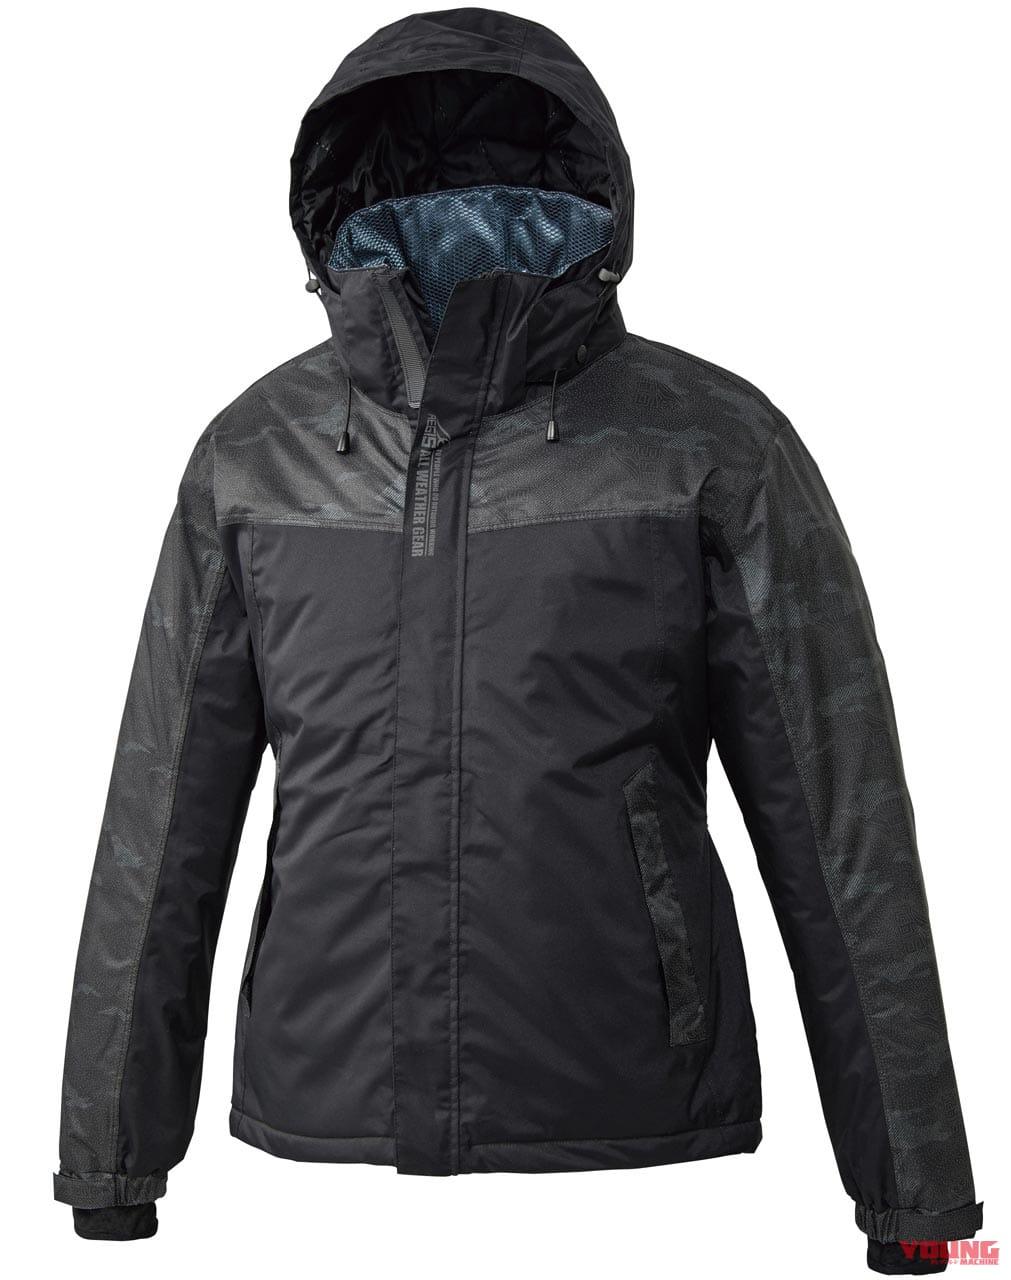 イージス 透湿防水防寒スーツ リフレクト H300A